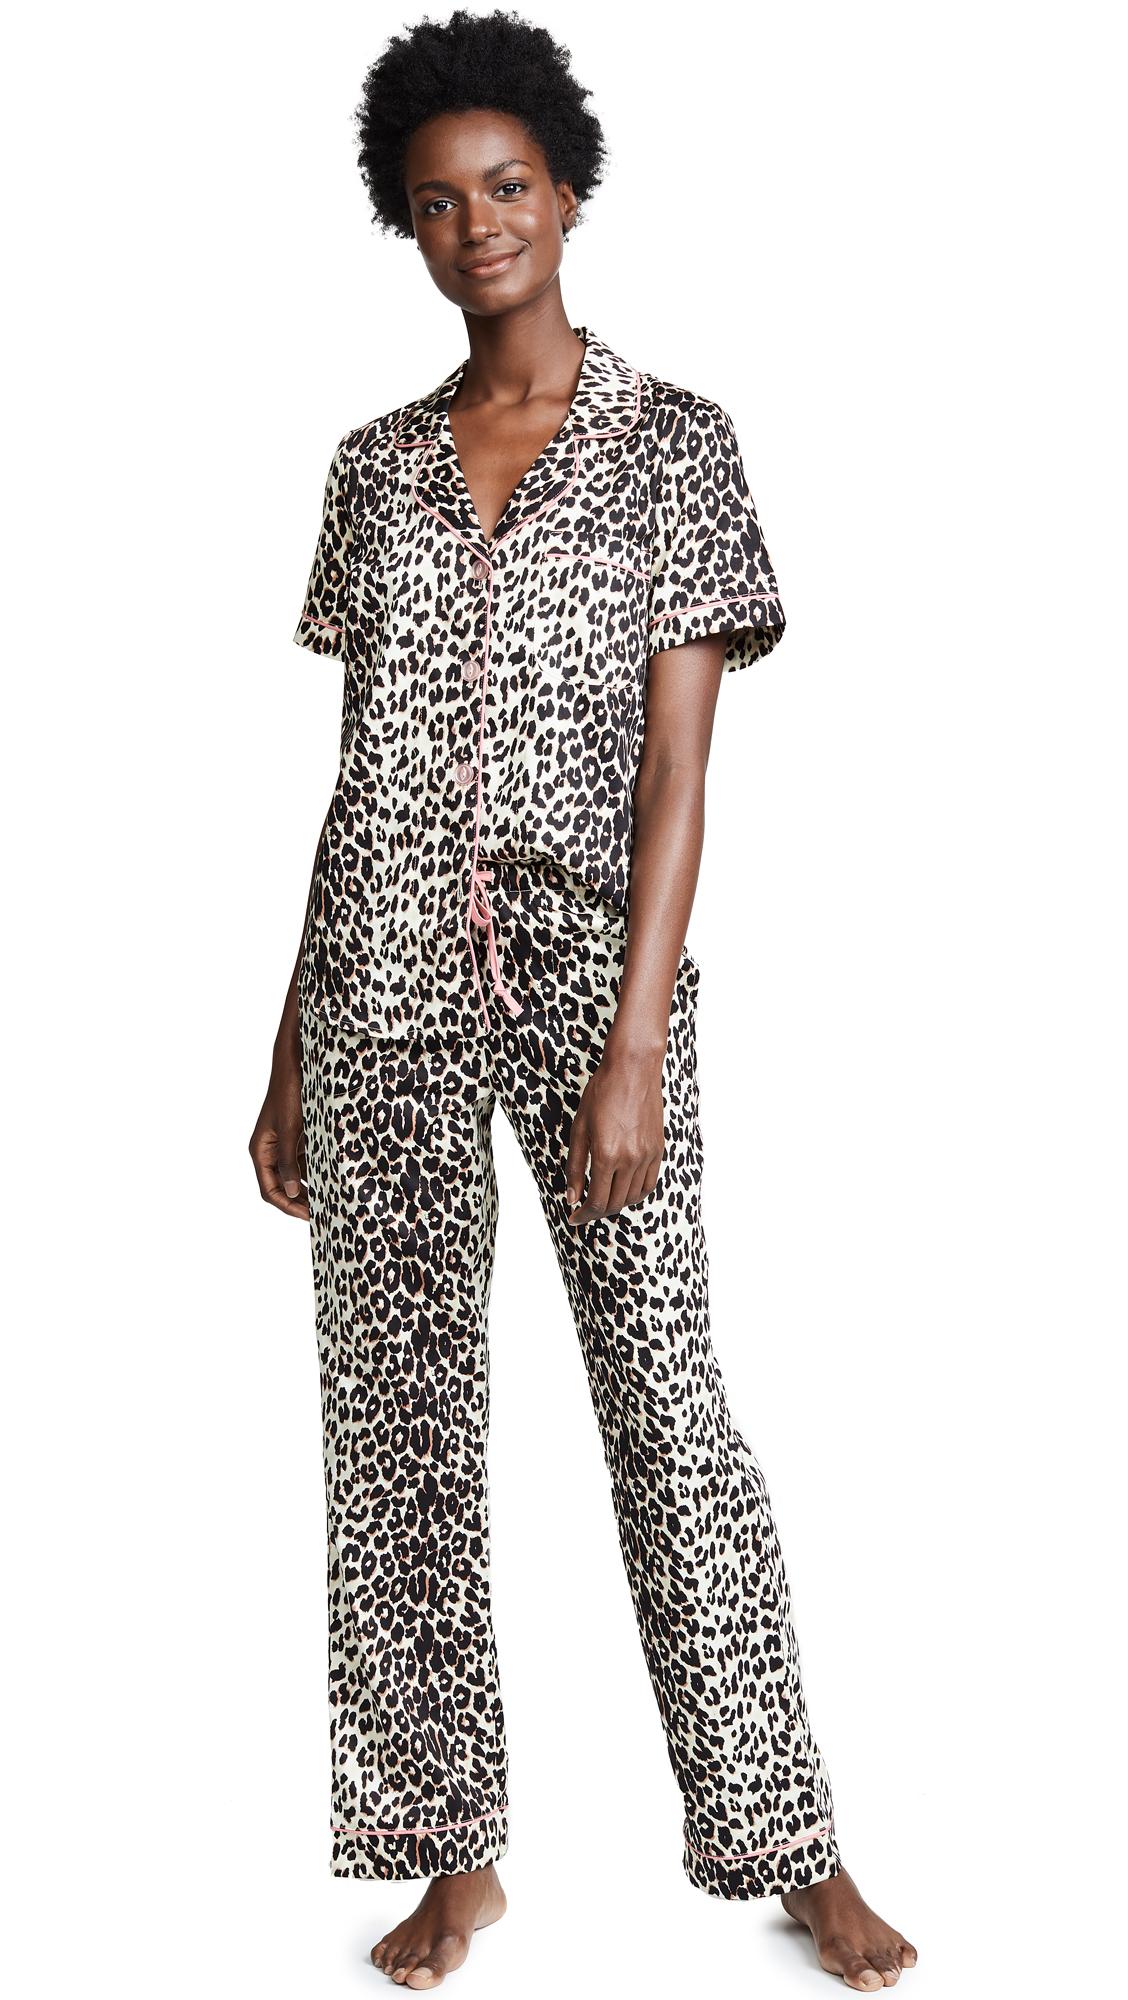 Bedhead Wild Leopard Classic Pj Set  841d58a98